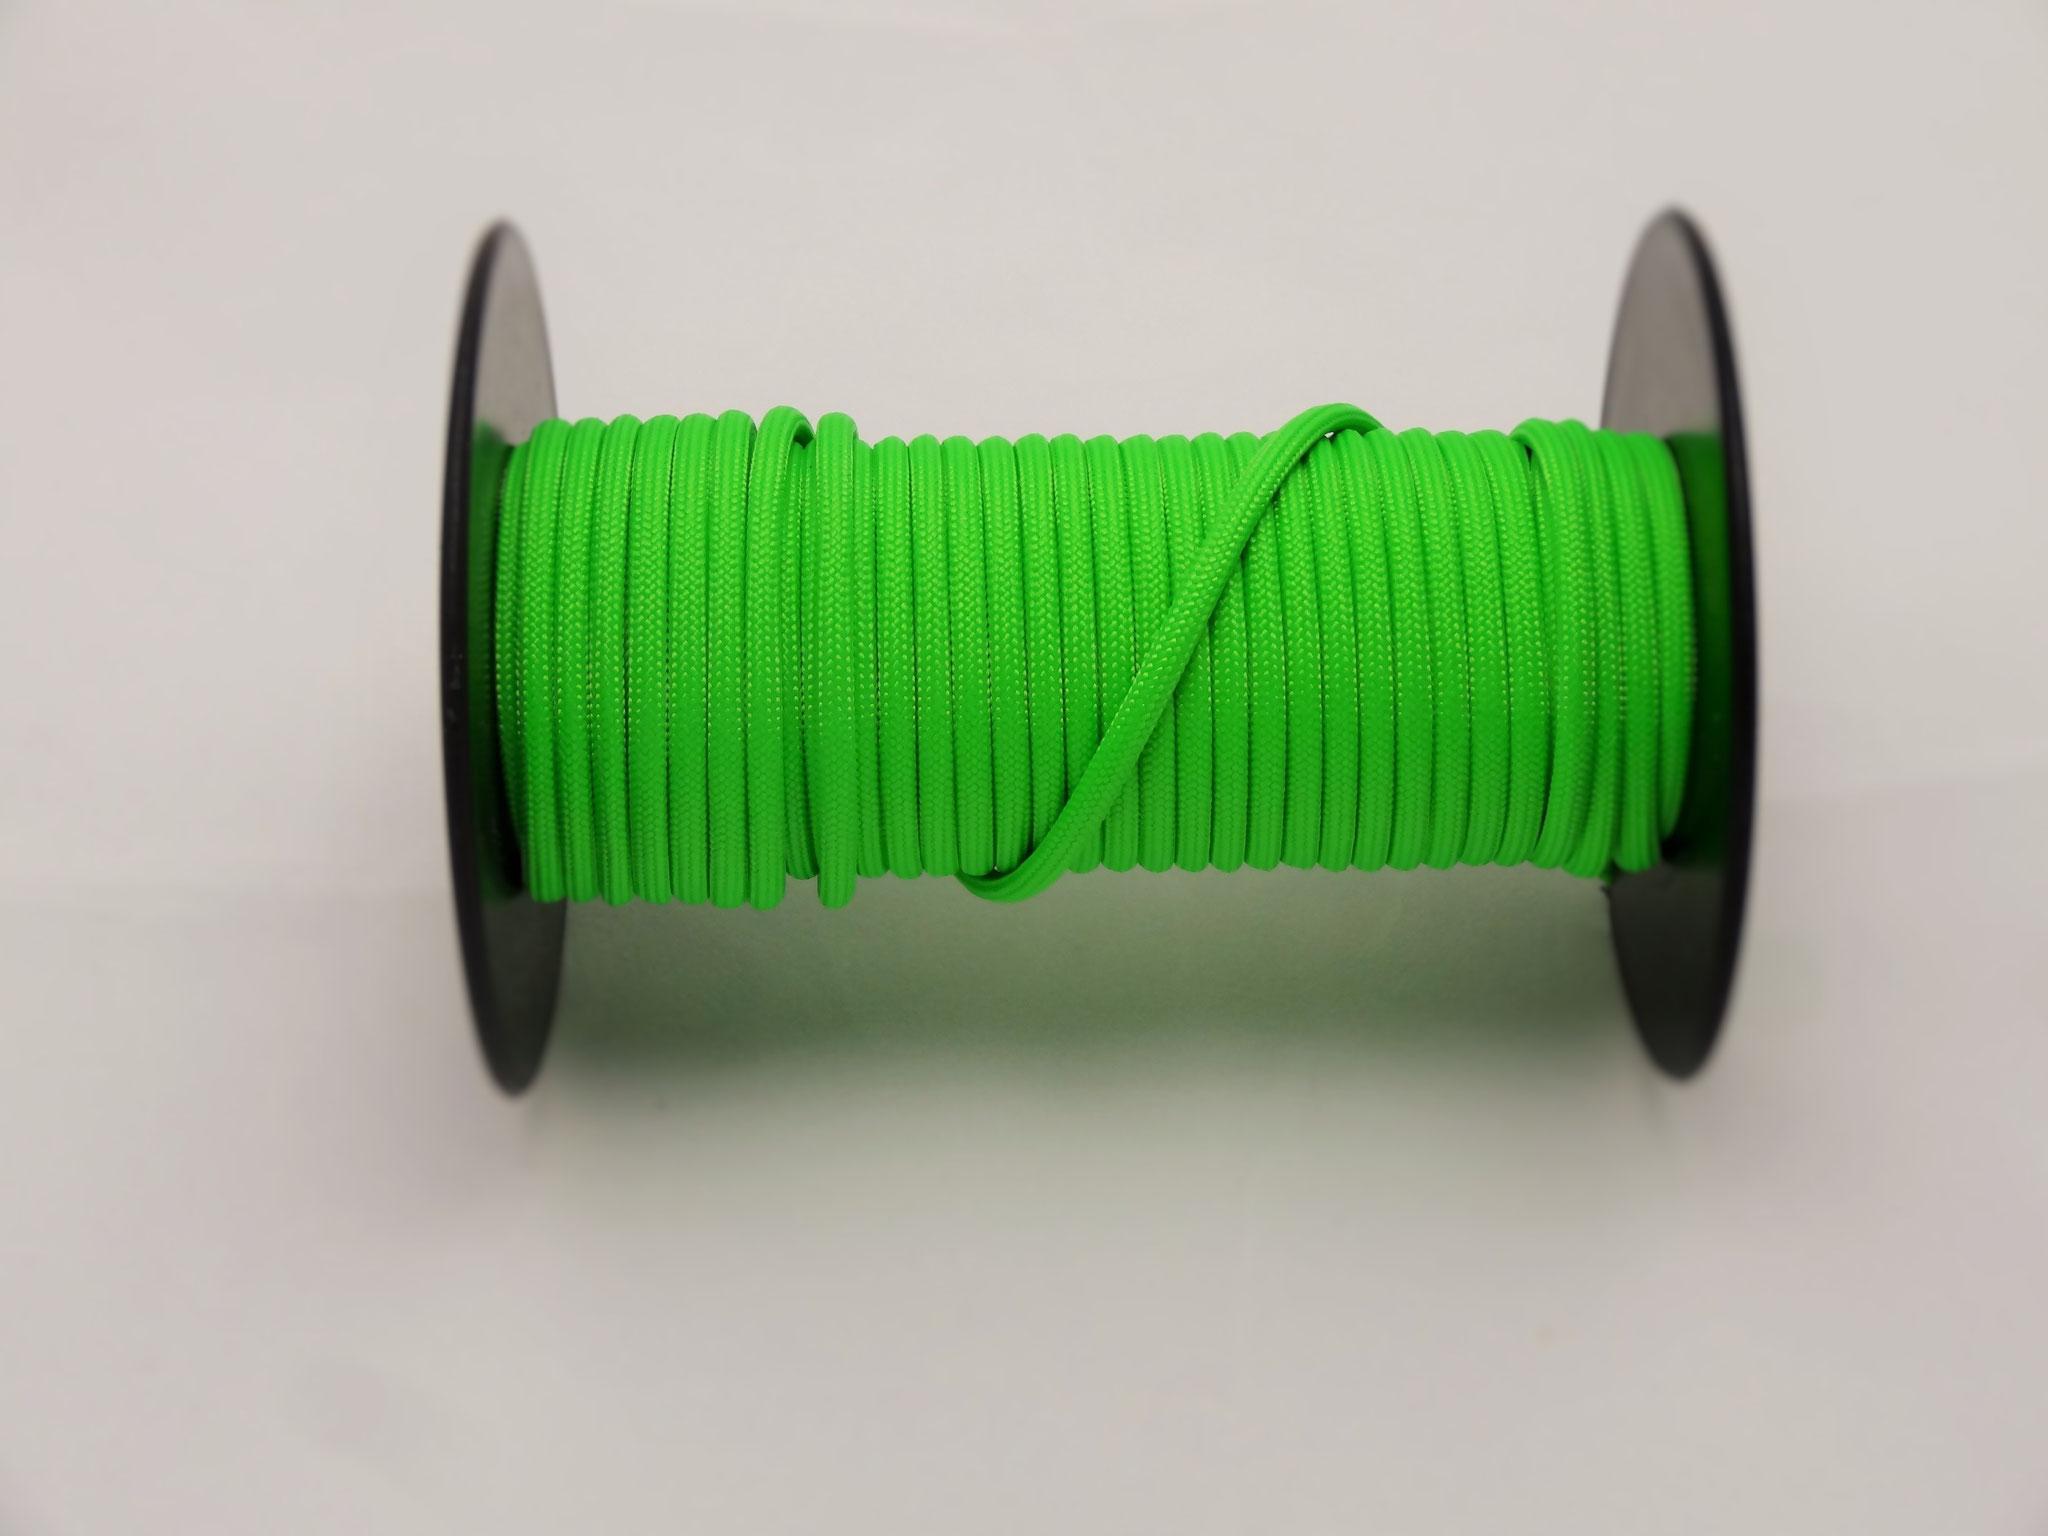 neon grün - vorerst nicht verfügbar, Nachbestellung folgt